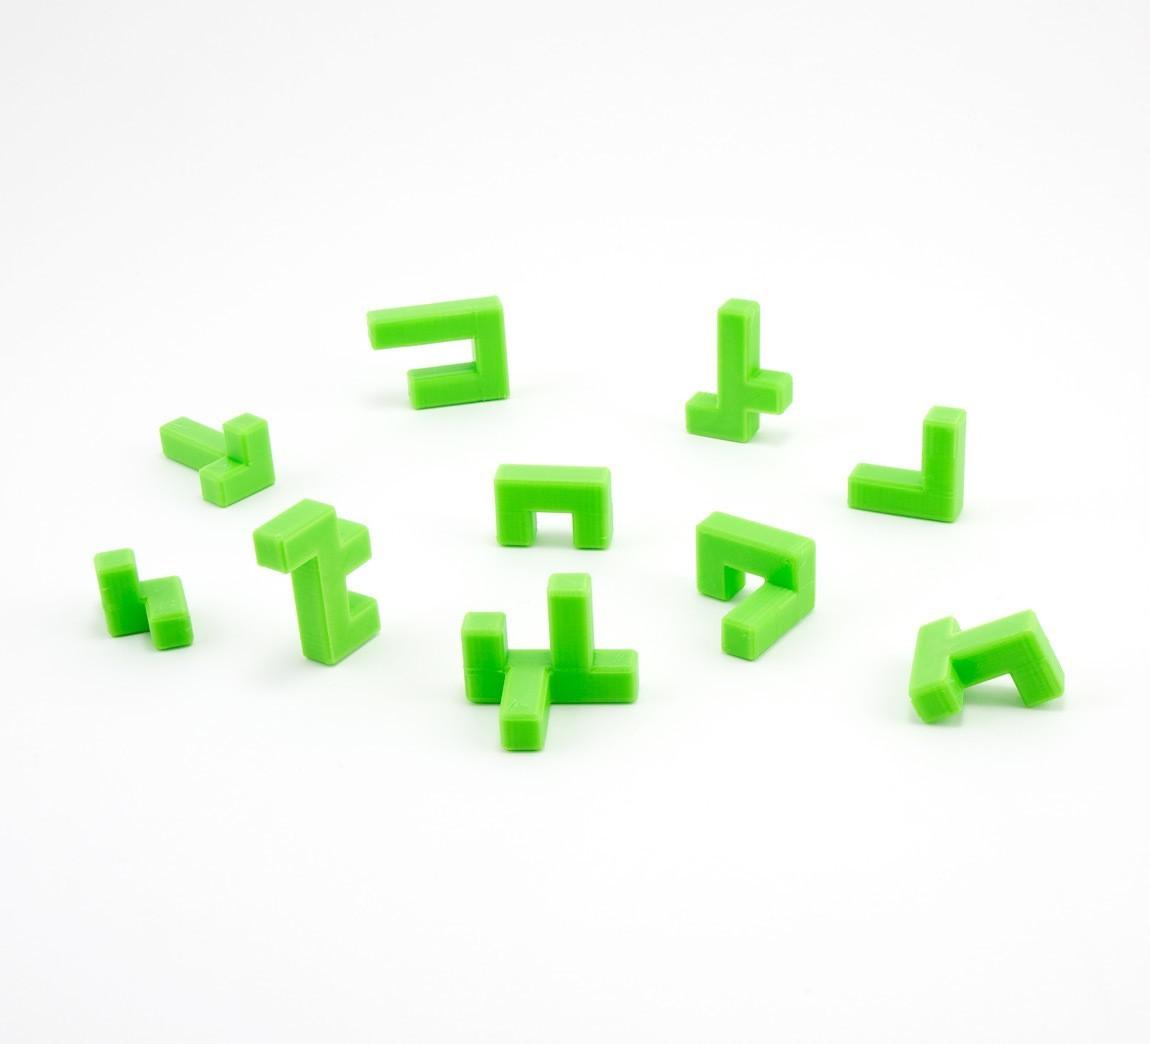 caba29fe59dd68c3356d71d1db495dc6_1444847282085_NMD000318e.jpg Download free STL file 4x4 Puzzle Cube • 3D printer model, FerryTeacher